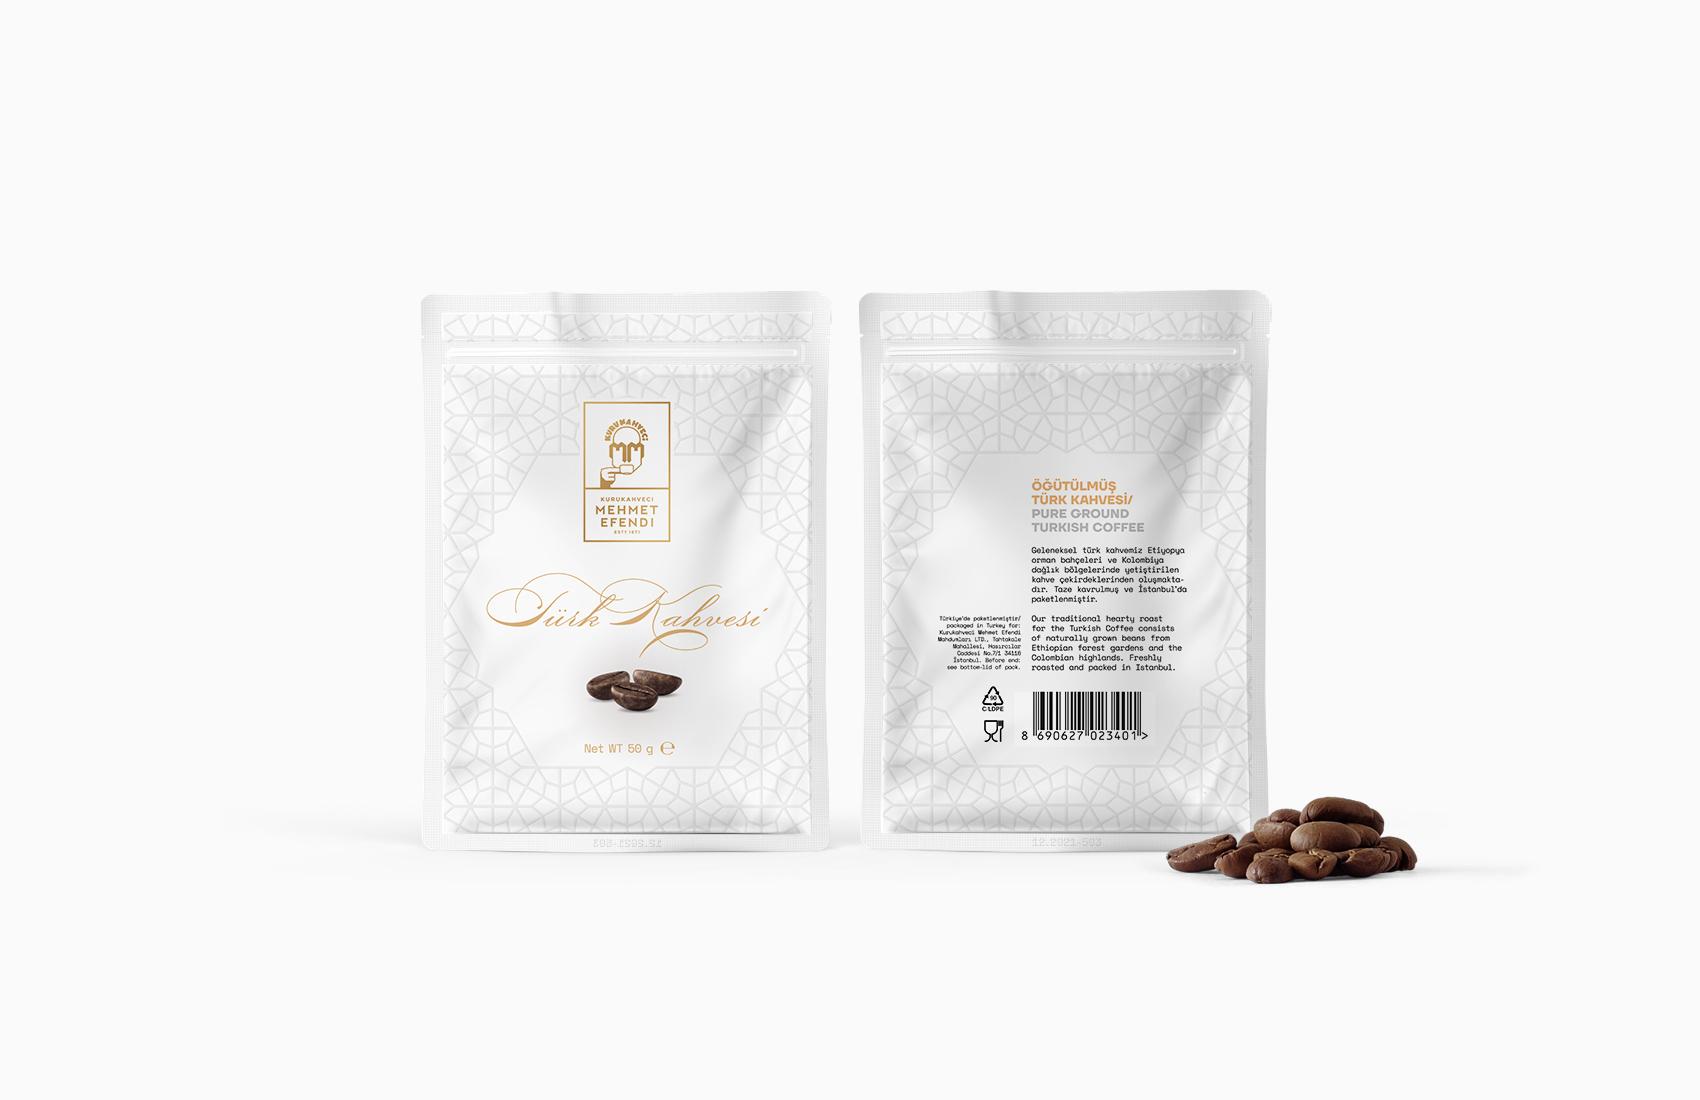 emretelli_kurukahvecimehmetefendi_turkish-coffee_02_50g_1700